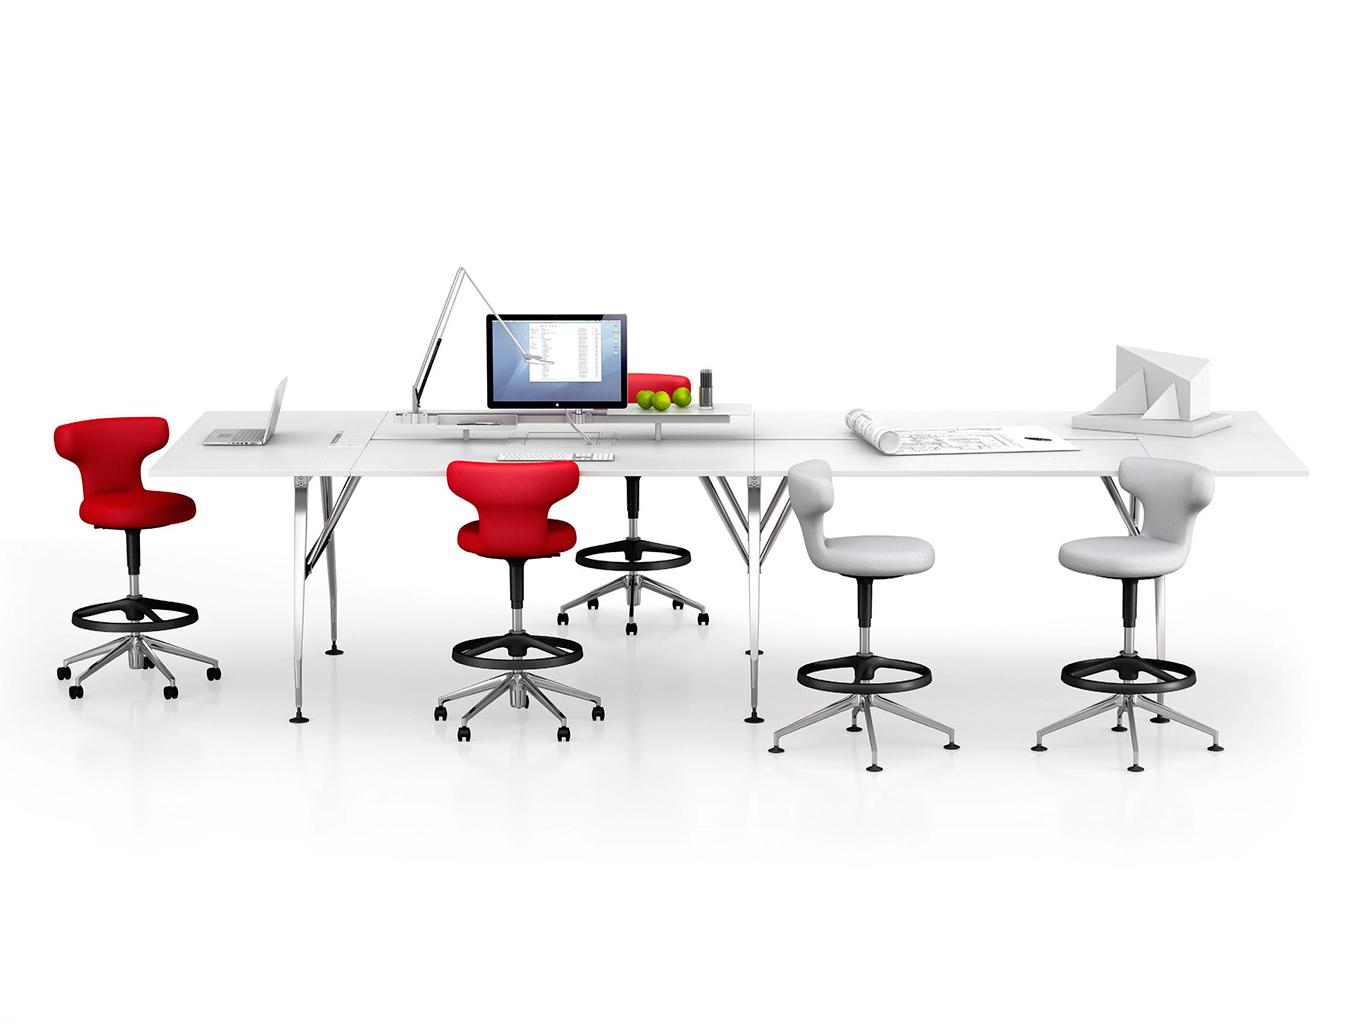 会议台|洽谈台|创意家具|现代家居|时尚家具|设计师家具|定制家具|实木家具|Ad Hoc 高脚洽谈台